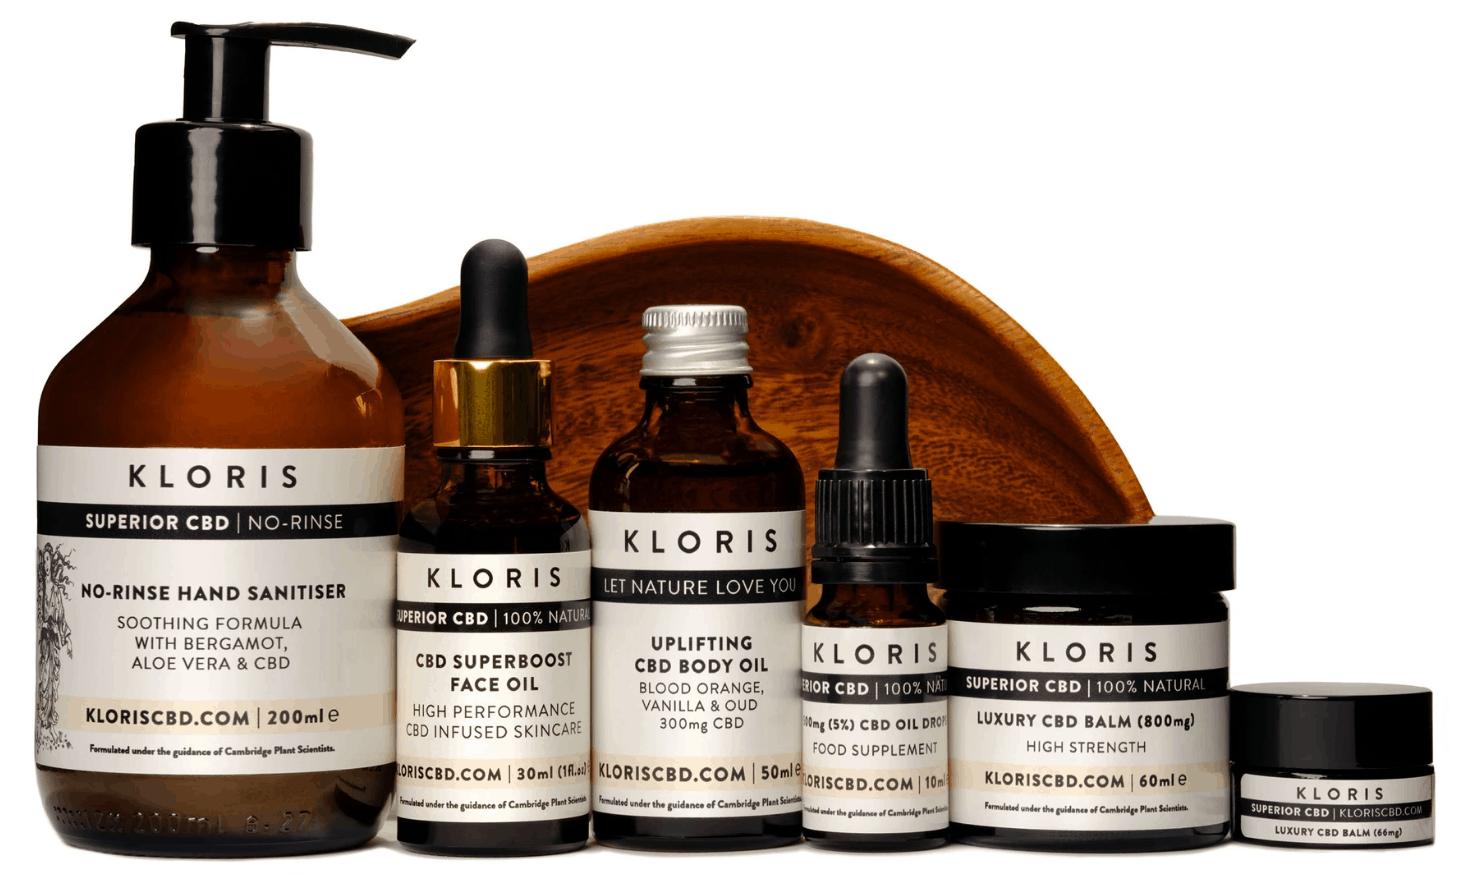 Kloris CBD Coupons Product Range